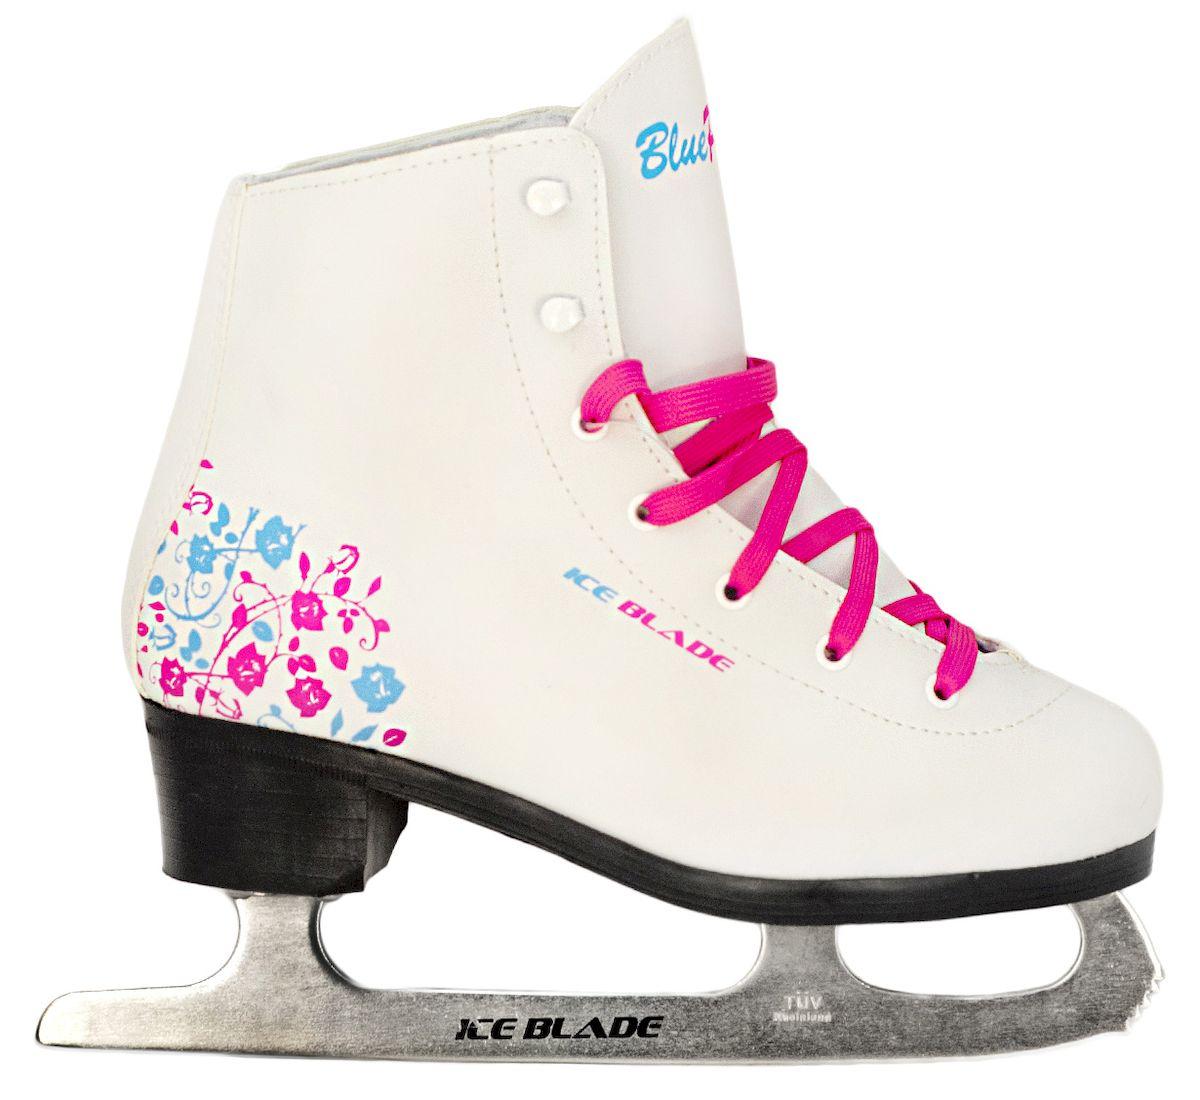 Коньки фигурные Ice Blade BluePink, цвет: белый, розовый, голубой. УТ-00006869. Размер 33